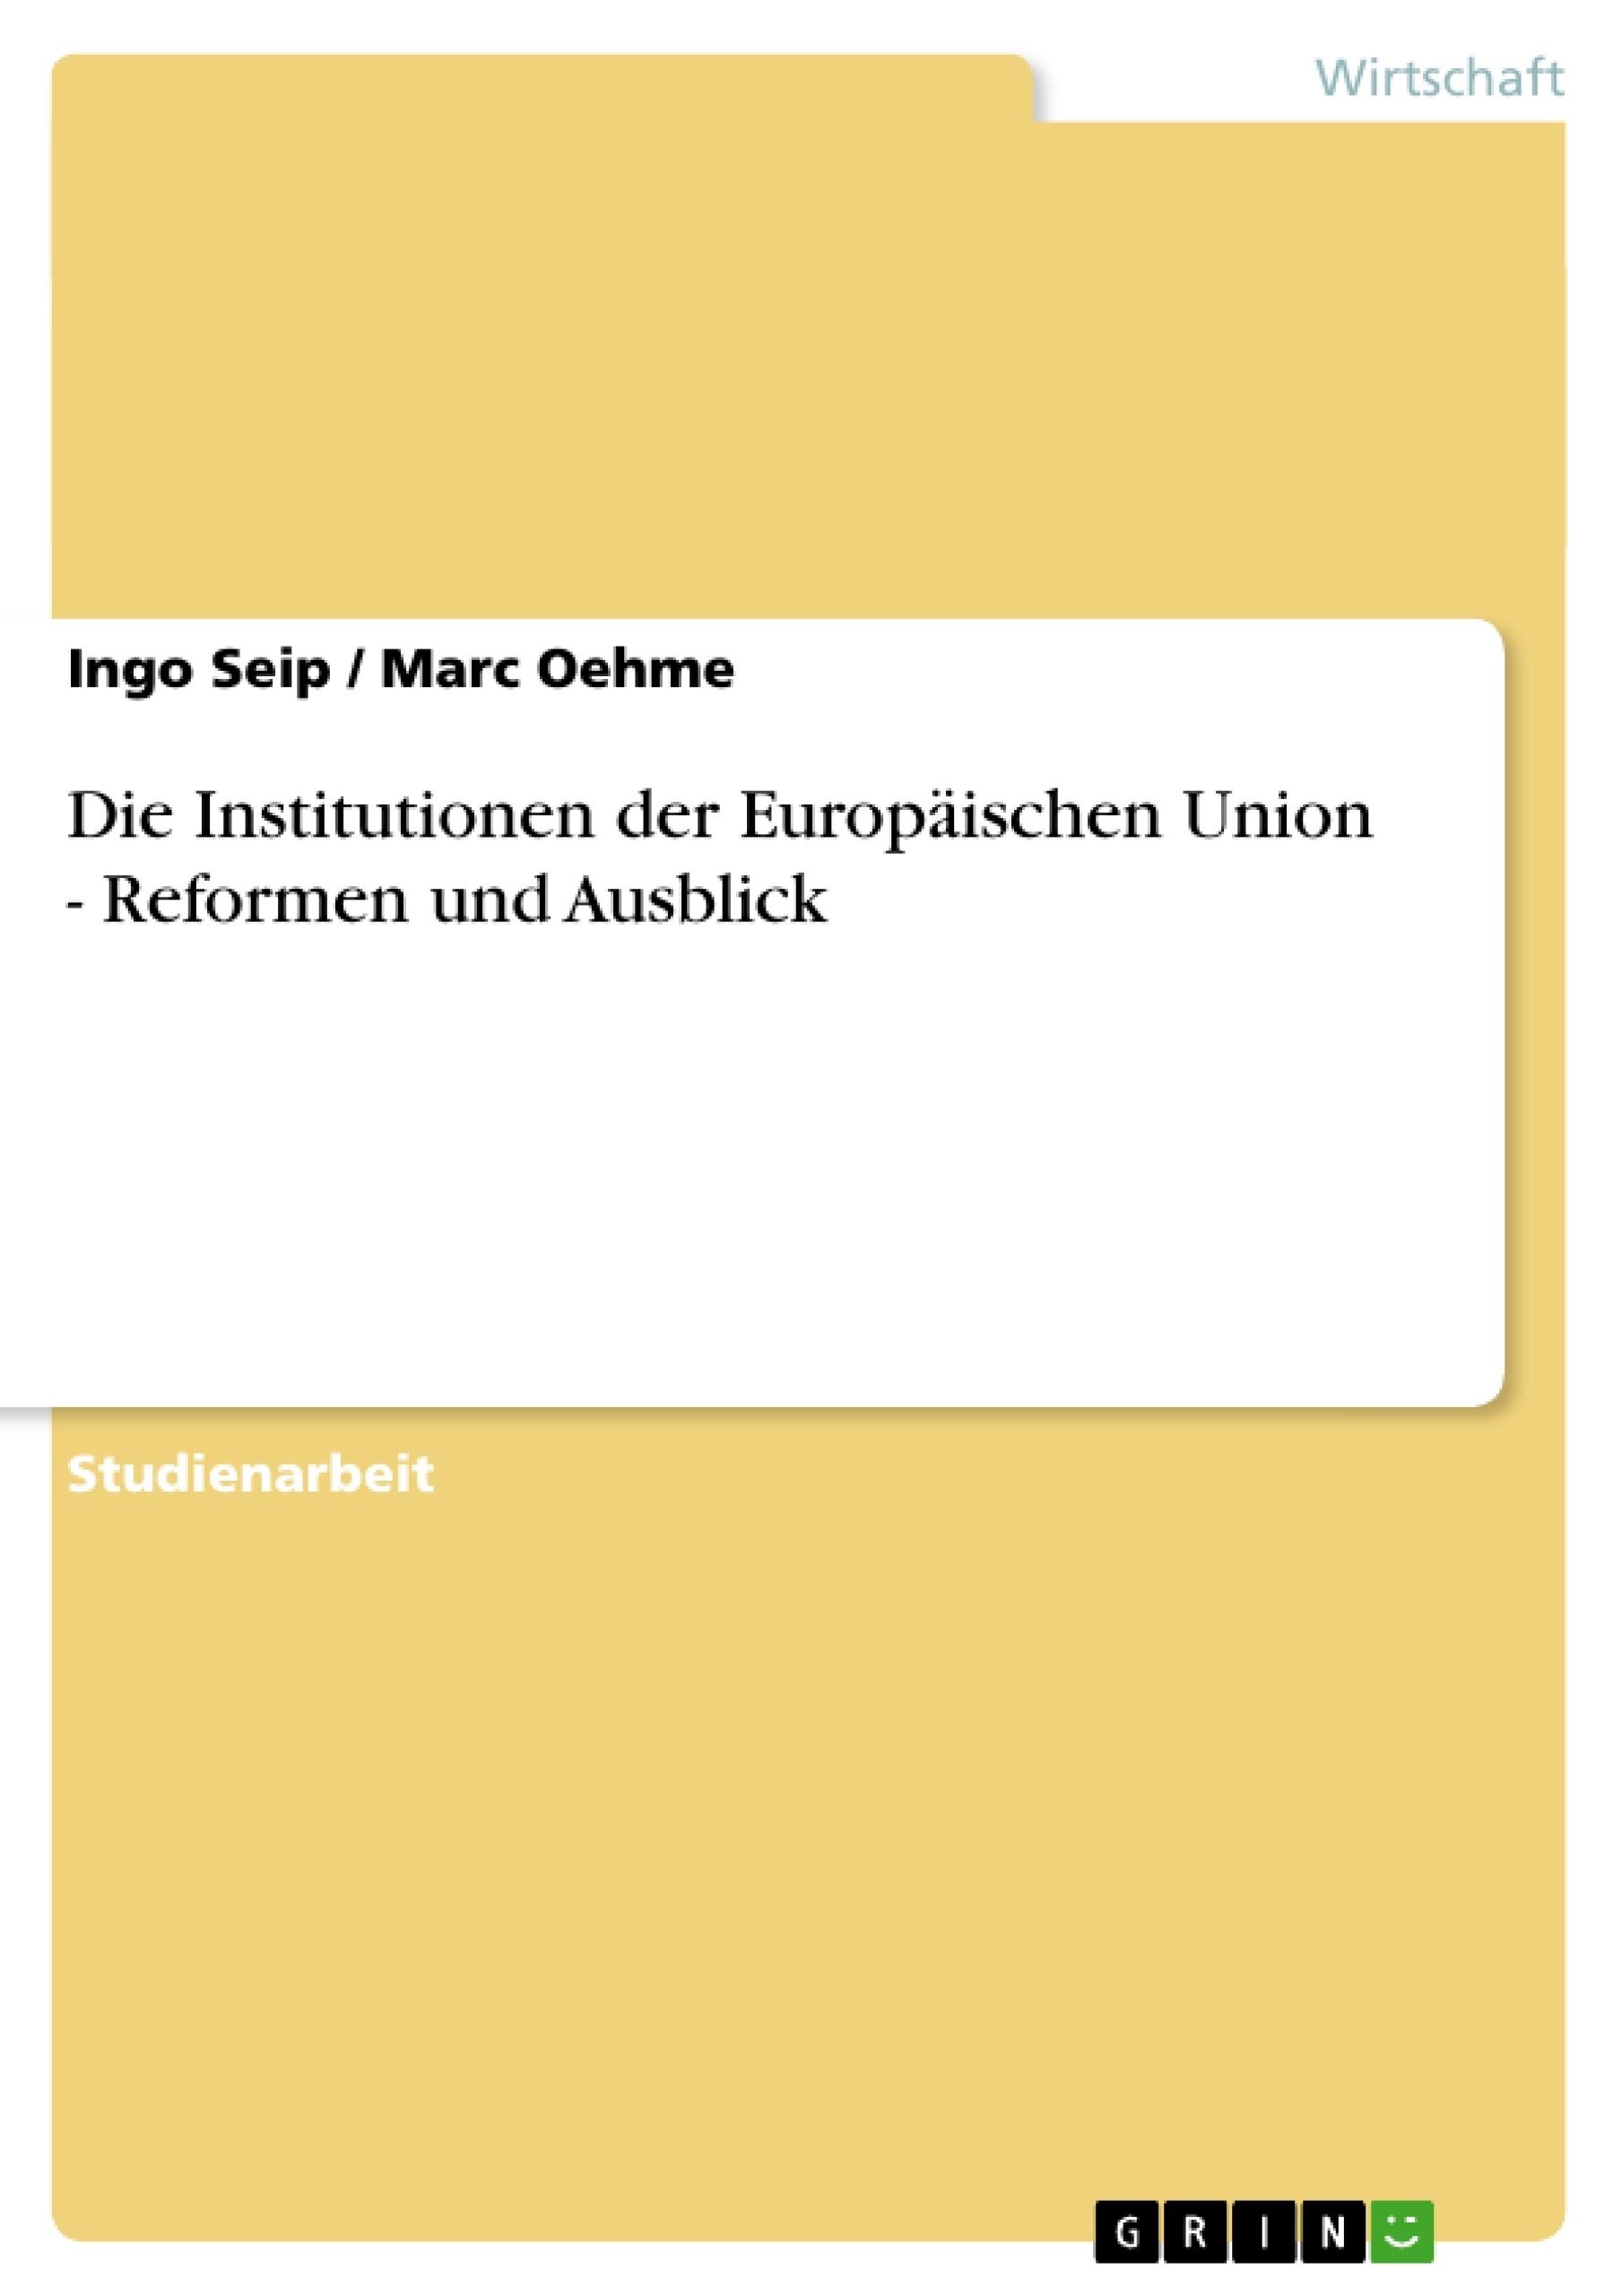 Titel: Die Institutionen der Europäischen Union - Reformen und Ausblick